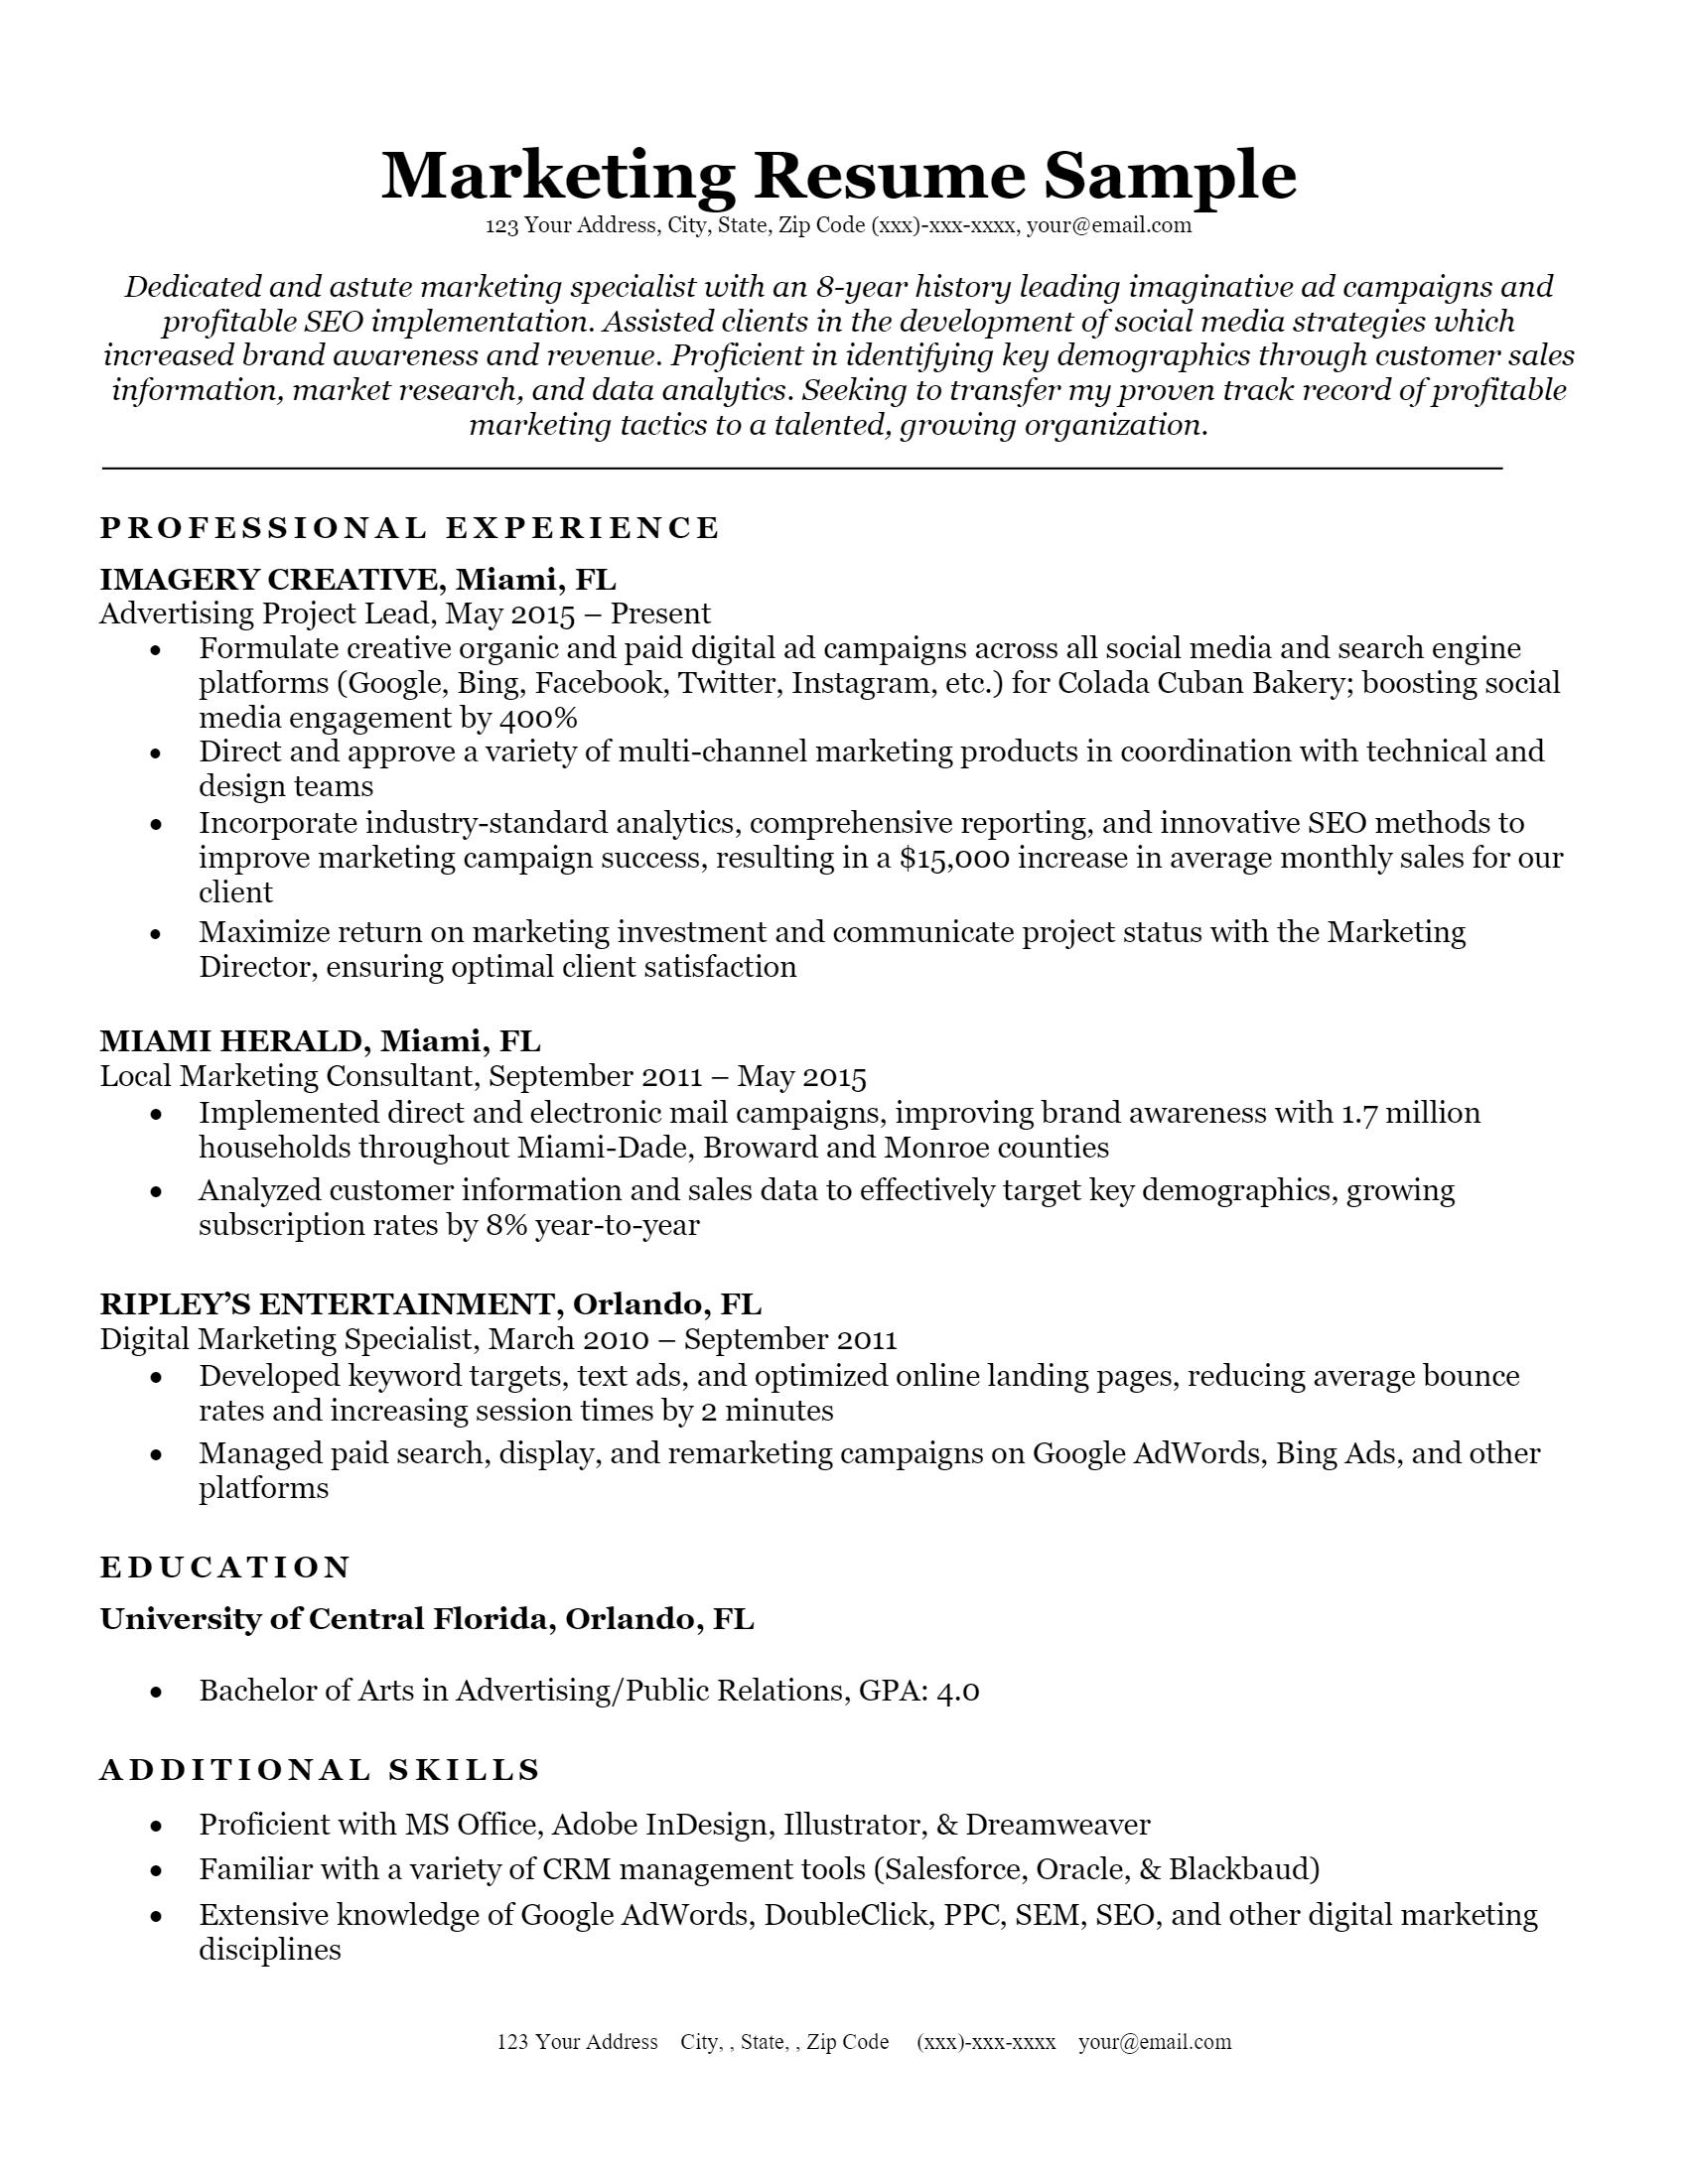 Marketing Resume> Marketing Resume .Docx (Word)